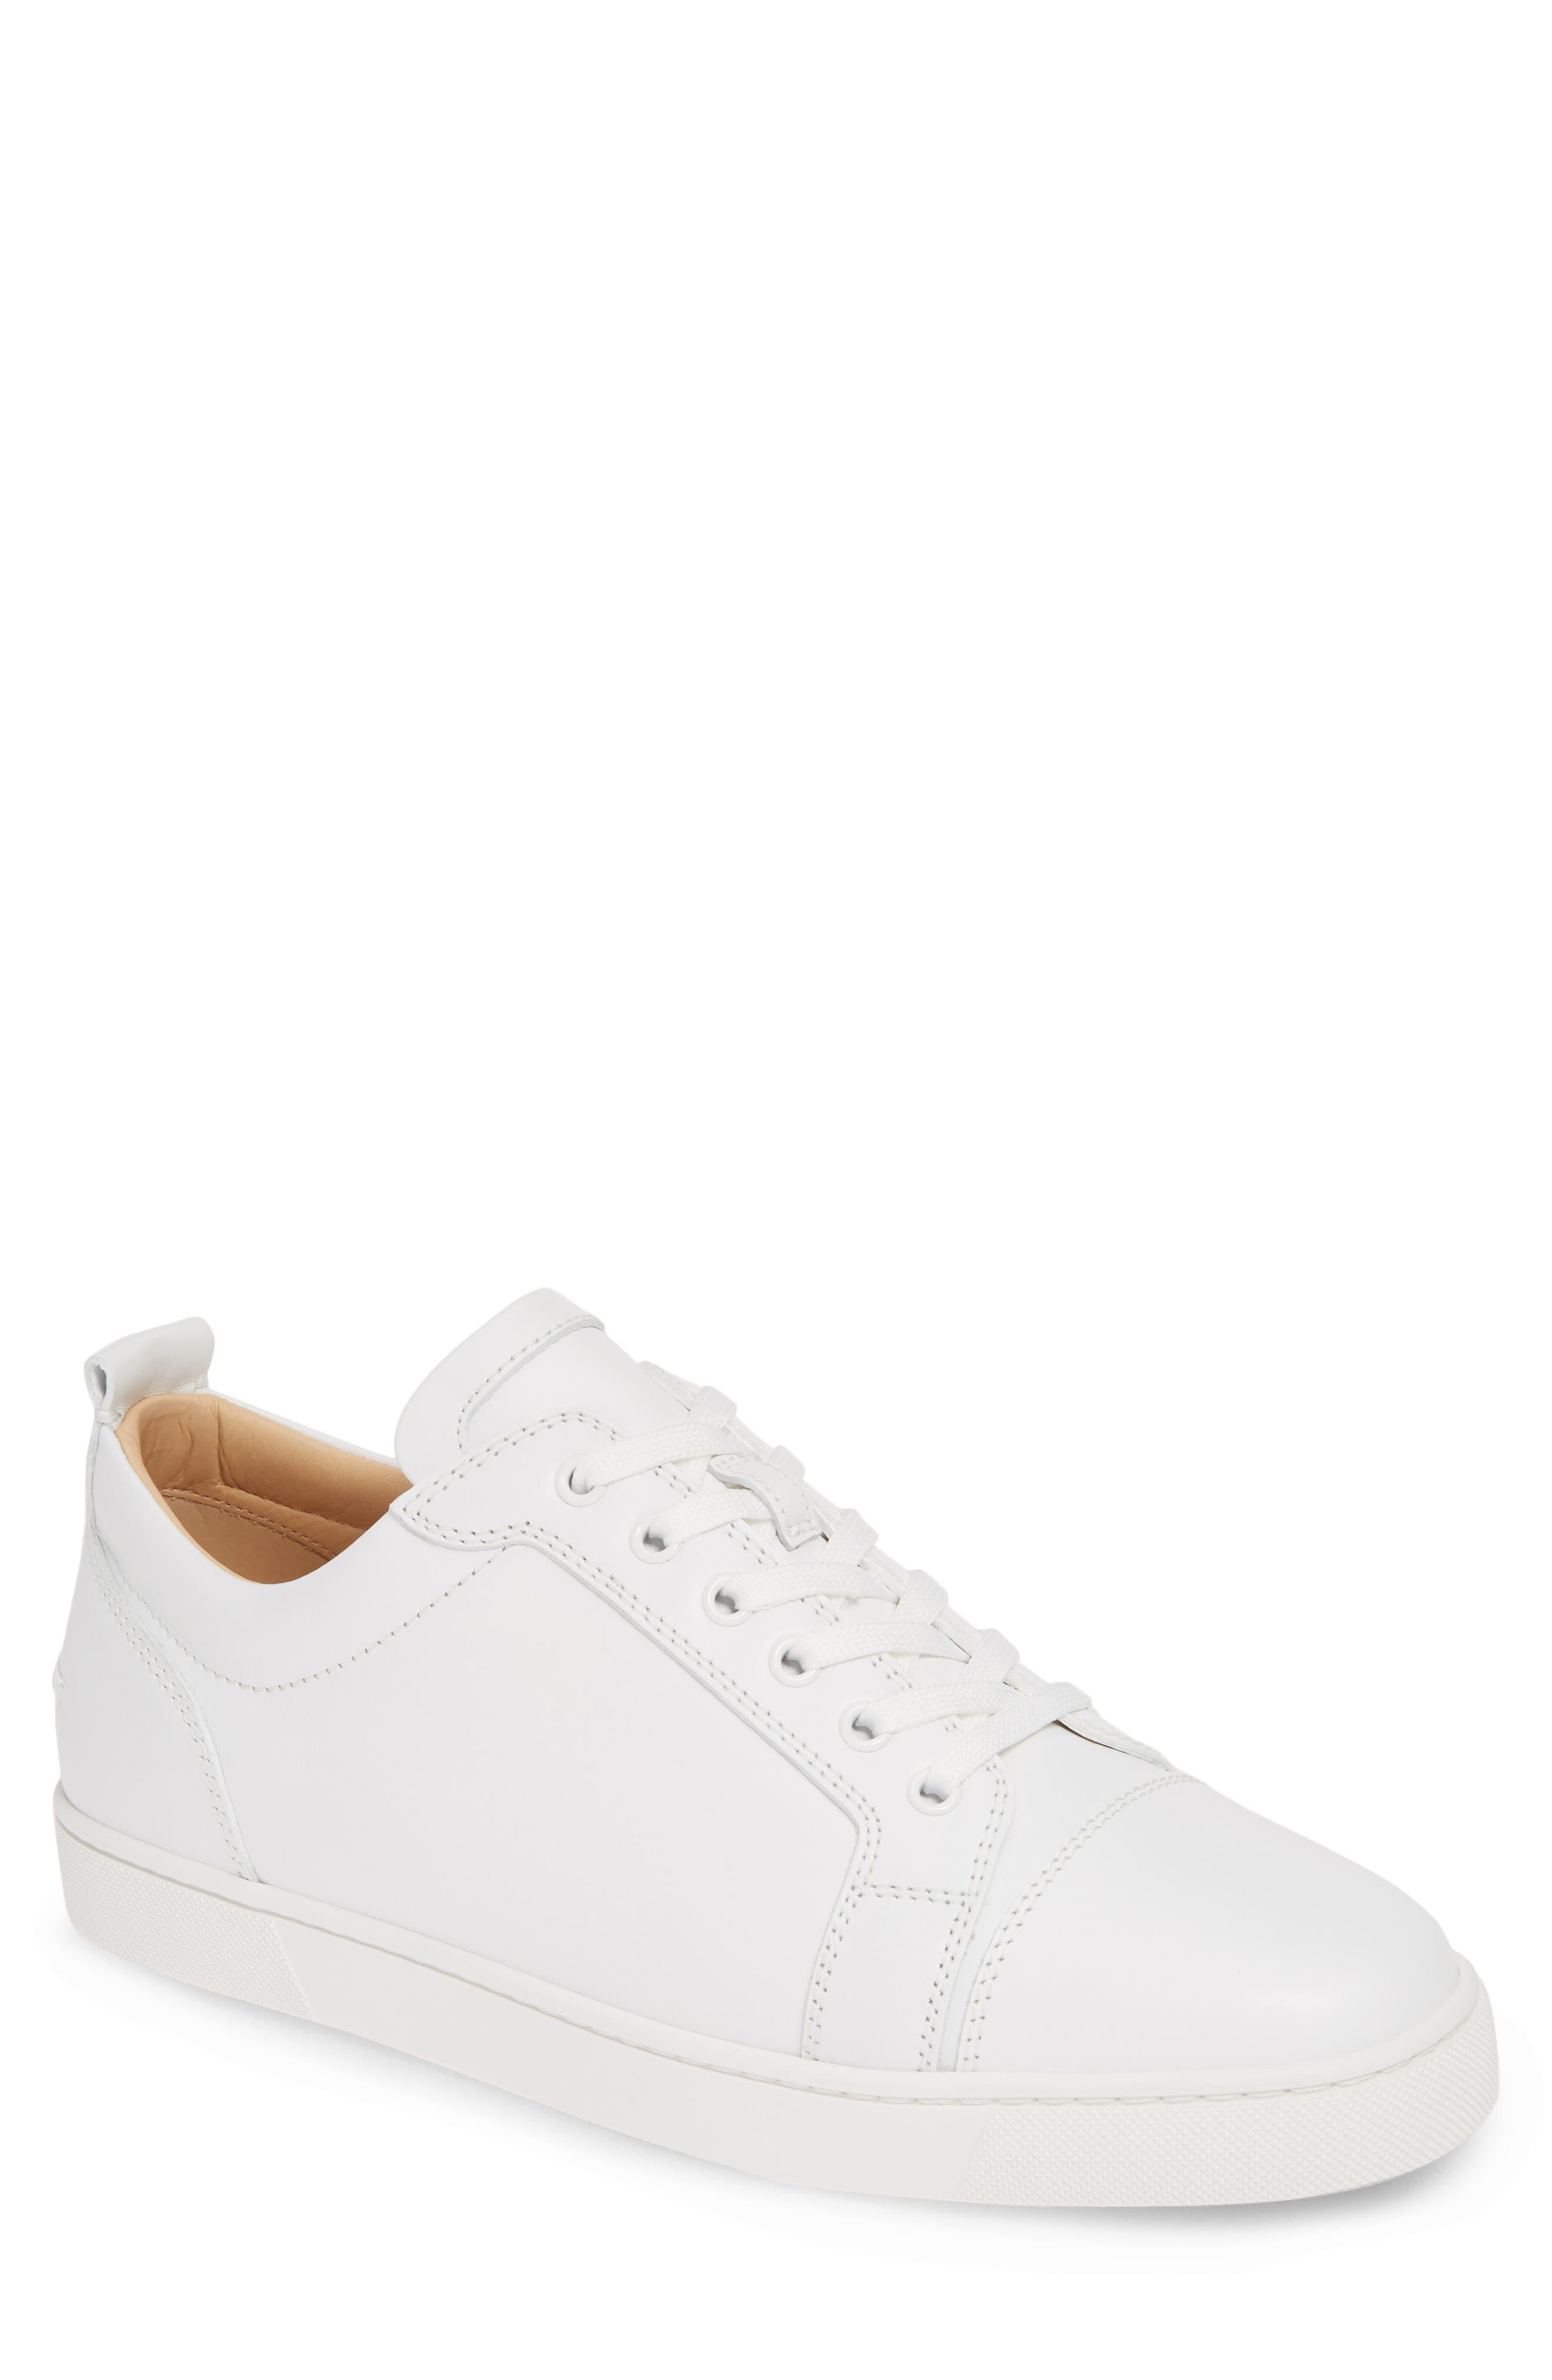 Louis Junior Low Top Sneaker, Main, color, WHITE